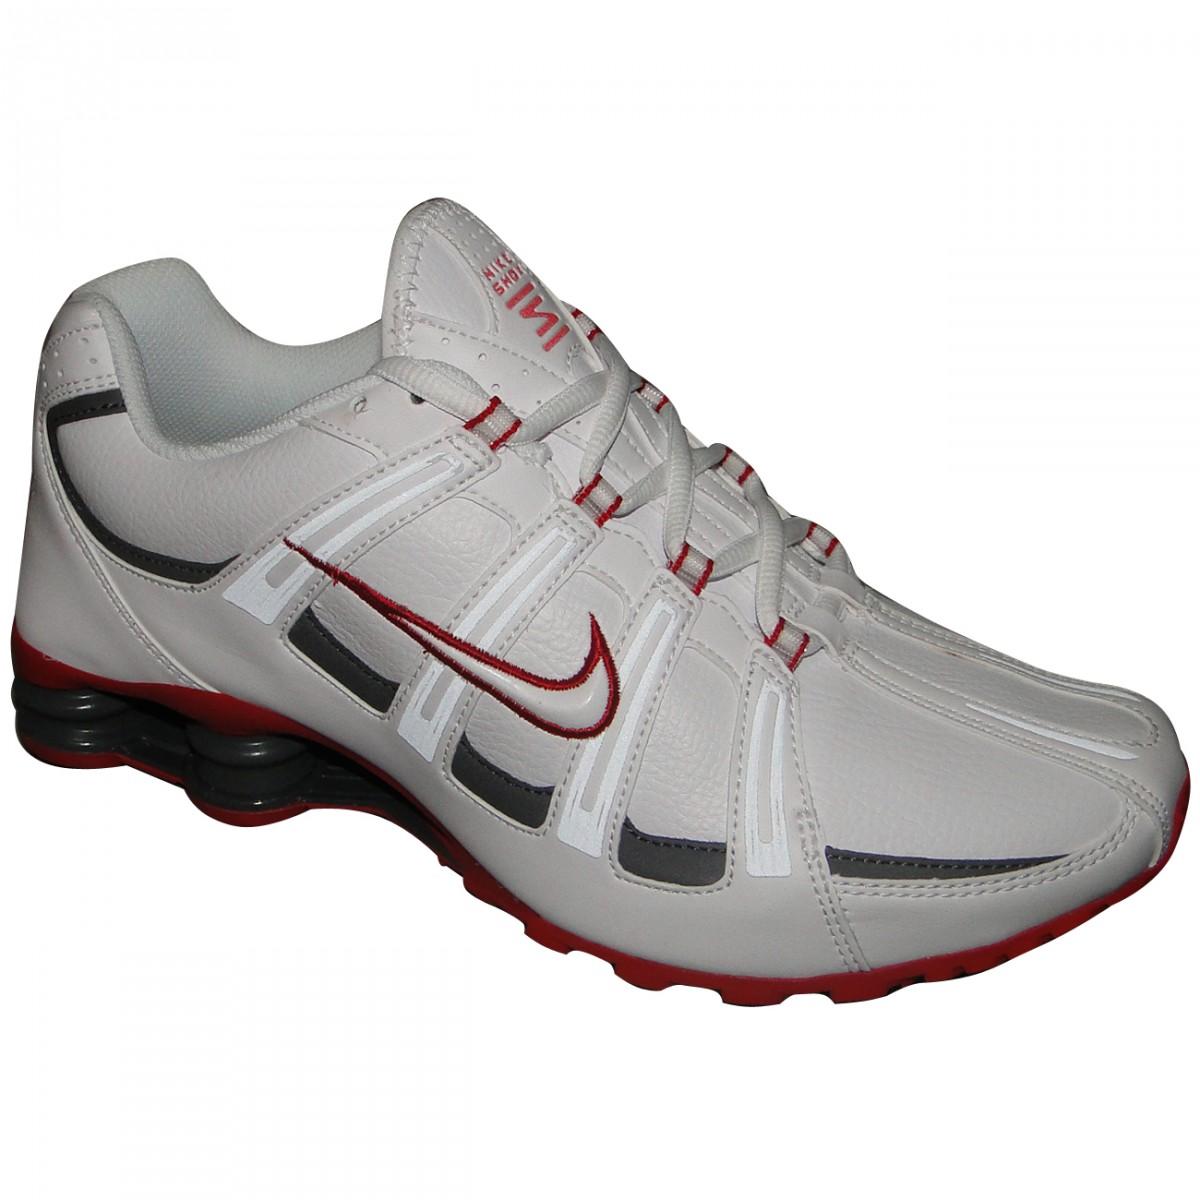 b57760ef709a9 Tenis Nike Shox Turbo Sl 525248-116 - Branco/Chumbo/Vermelho - Chuteira Nike,  Adidas. Sandalias Femininas. Sandy Calçados